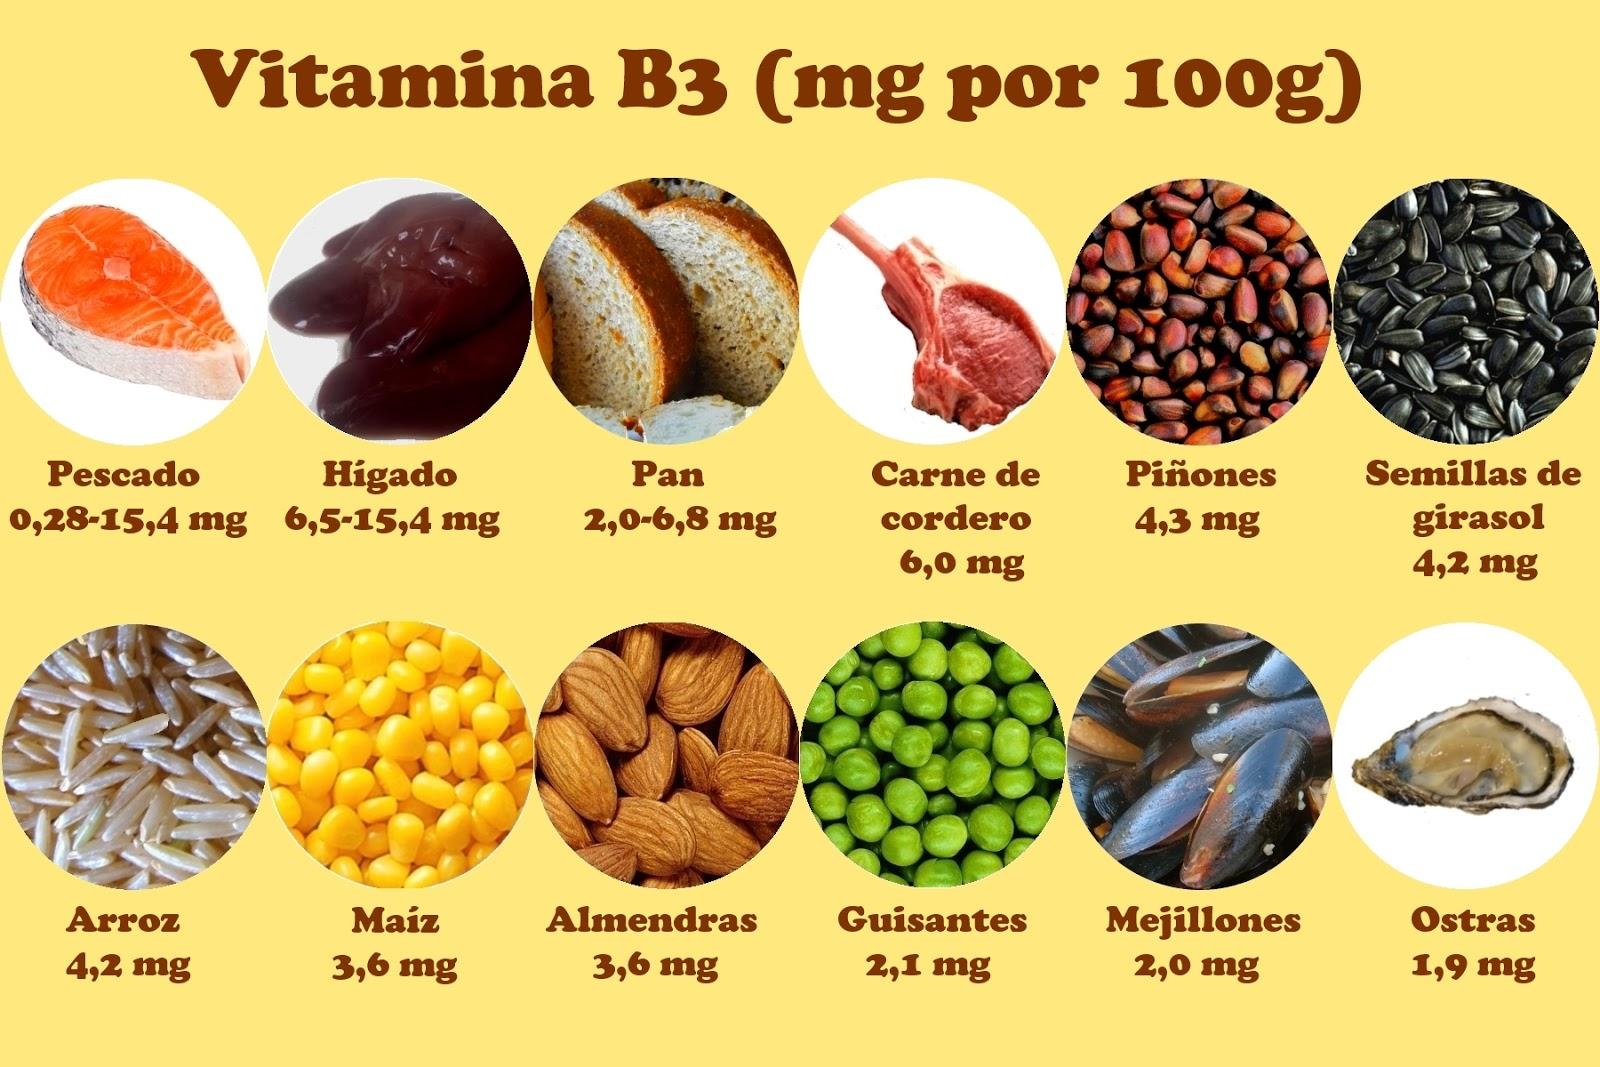 Mini posts de despierta t que duermes vitamina b3 o niacina propiedades fuentes y carencias - En que alimentos esta la vitamina b12 ...